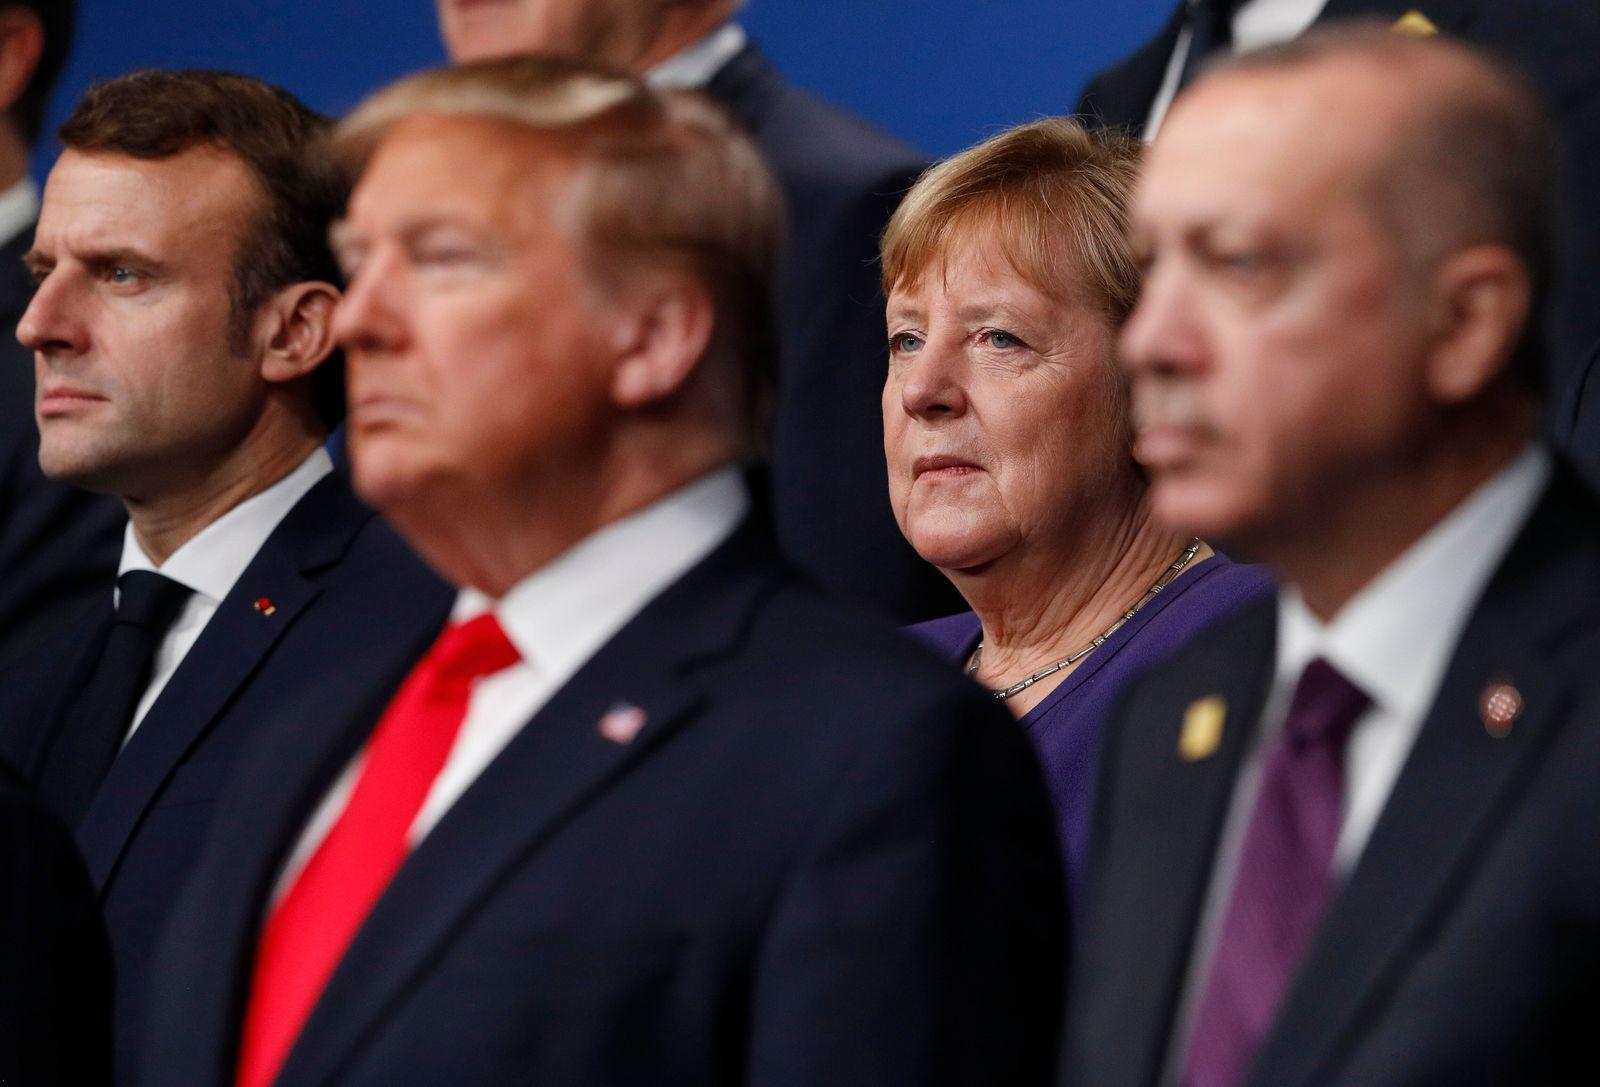 """Le gouvernement d'Angela Merkel a accusé ce dimanche 15 mars dans la soirée Donald Trump d'avoir tenté de s'approprier un projet de vaccin contre le coronavirus développé par un laboratoire allemand, prévenant qu'il ferait tout pour qu'il soit développé en Europe. L'Allemagne """"n'est pas à vendre"""", a protesté le ministre de l'Économie Peter Altmaier sur la chaîne de télévision publique ARD. Et son homologue de l'Intérieur Horst Seehofer a confirmé la véracité des informations publiées le même jour par le quotidien allemand Die Welt sur une tentative du président américain Donald Trump de faire main basse sur le laboratoire allemand en lui proposant une très grosse somme. Sommet d'égoïsme ?"""